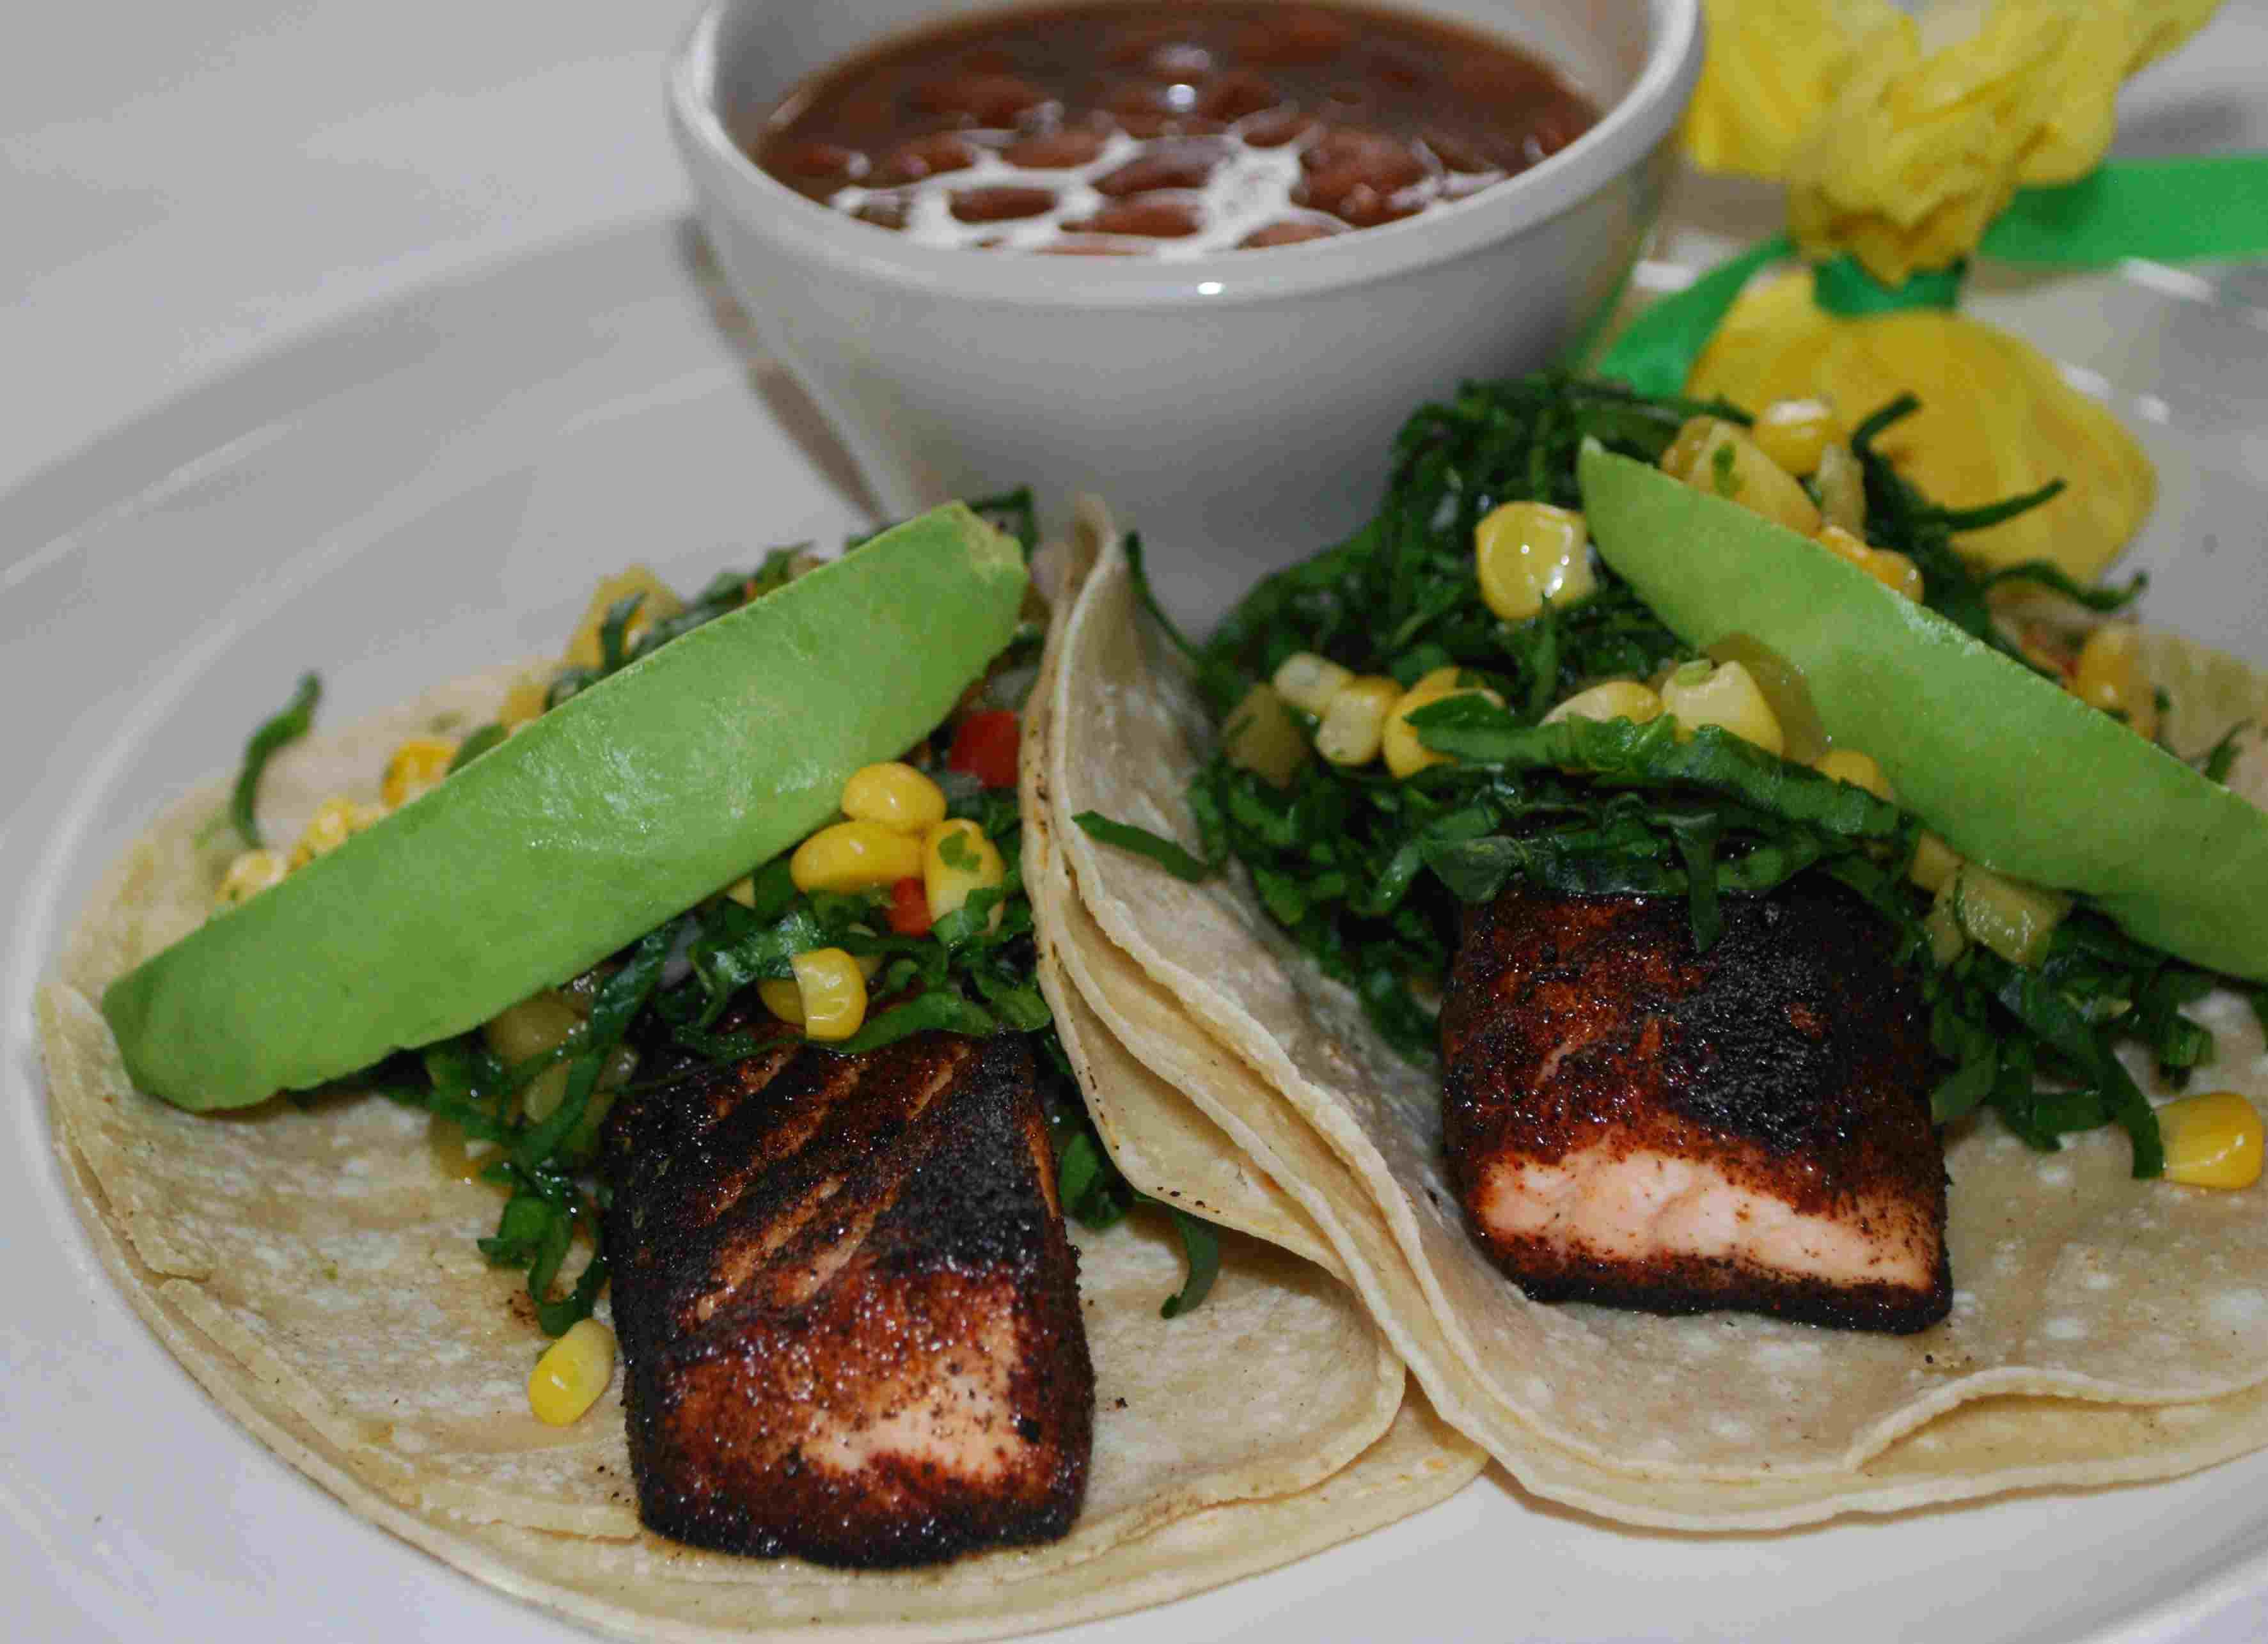 Blackened Salmon Tacos at via real